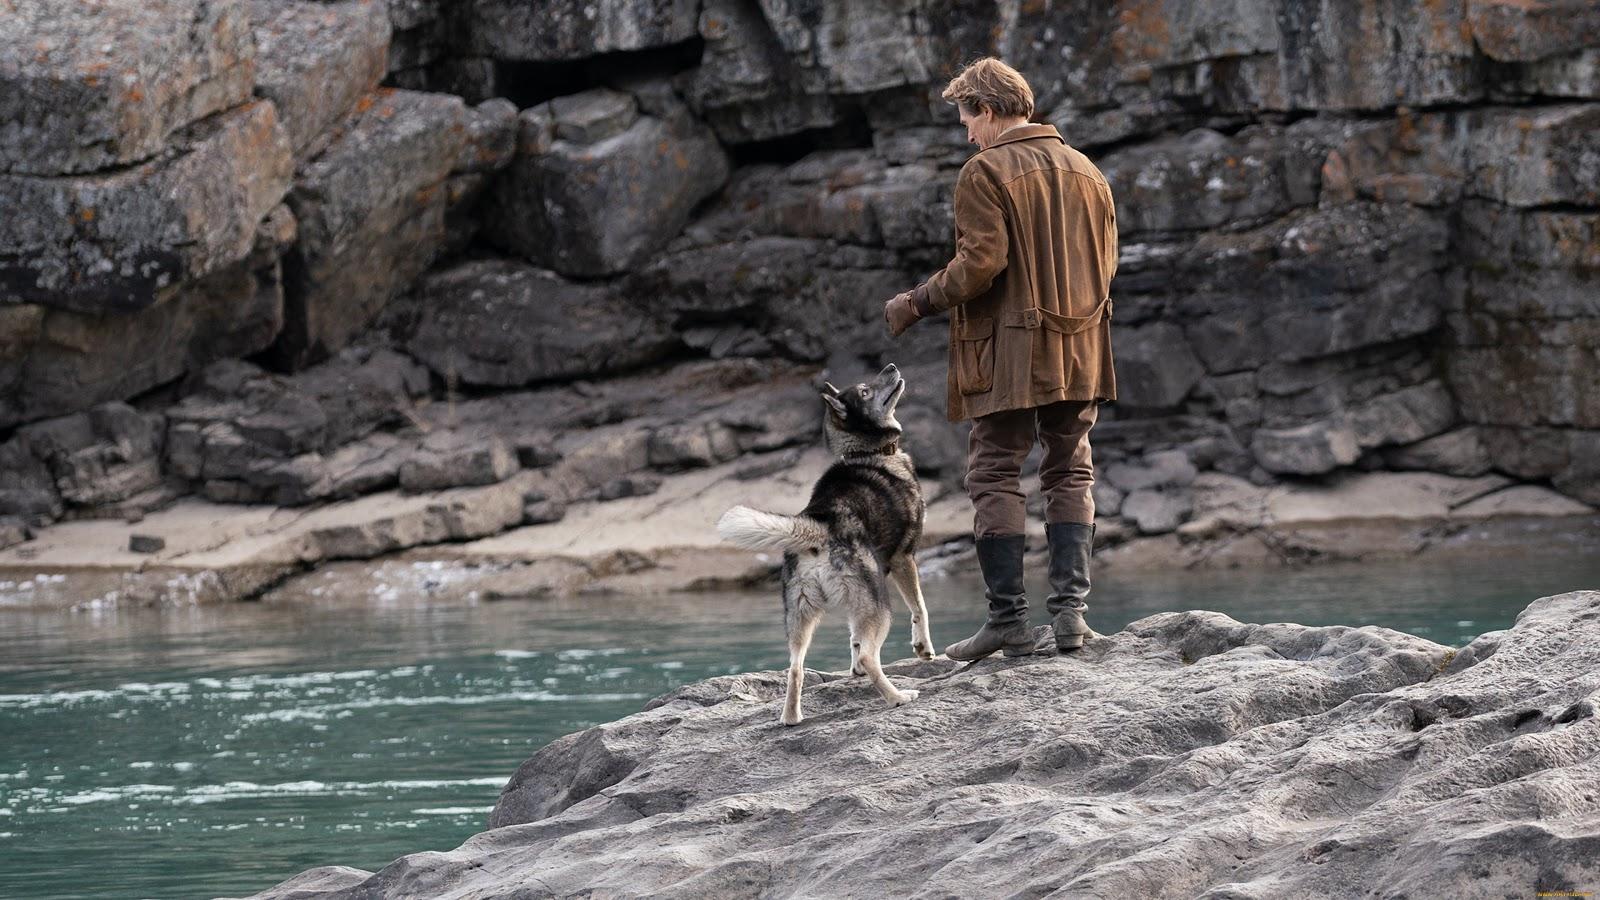 Не хуже «Хатико»: 10 фильмов, после которых хочется завести собаку